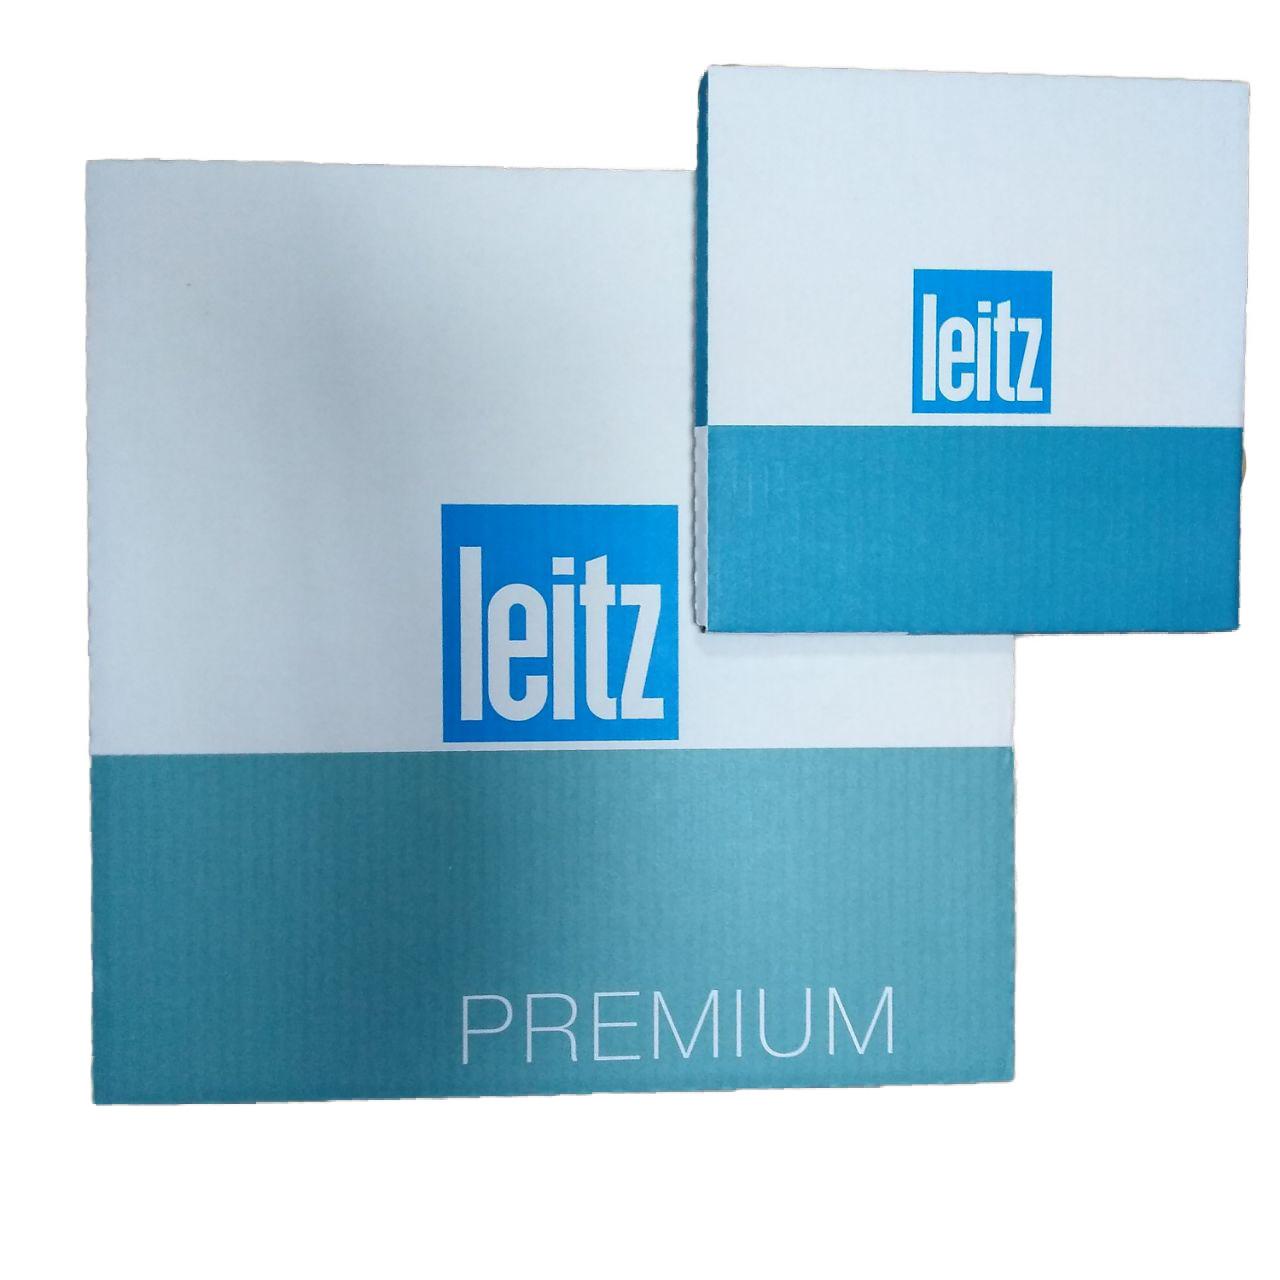 LEITZ PREMIUM комплект пил для раскроя ДСП (пр-во Германия)